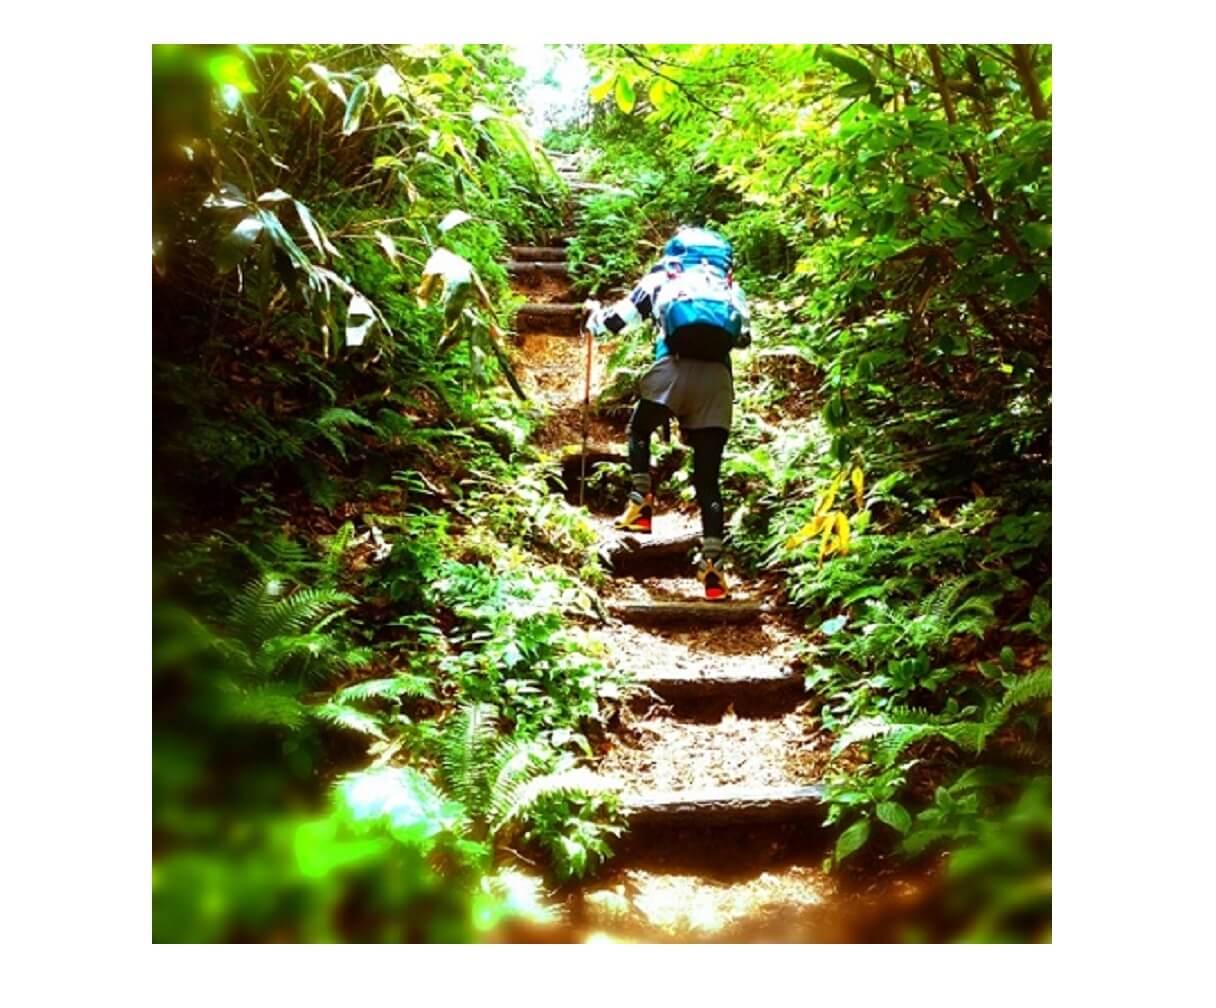 コロンビアのリュックを背負って階段を登る